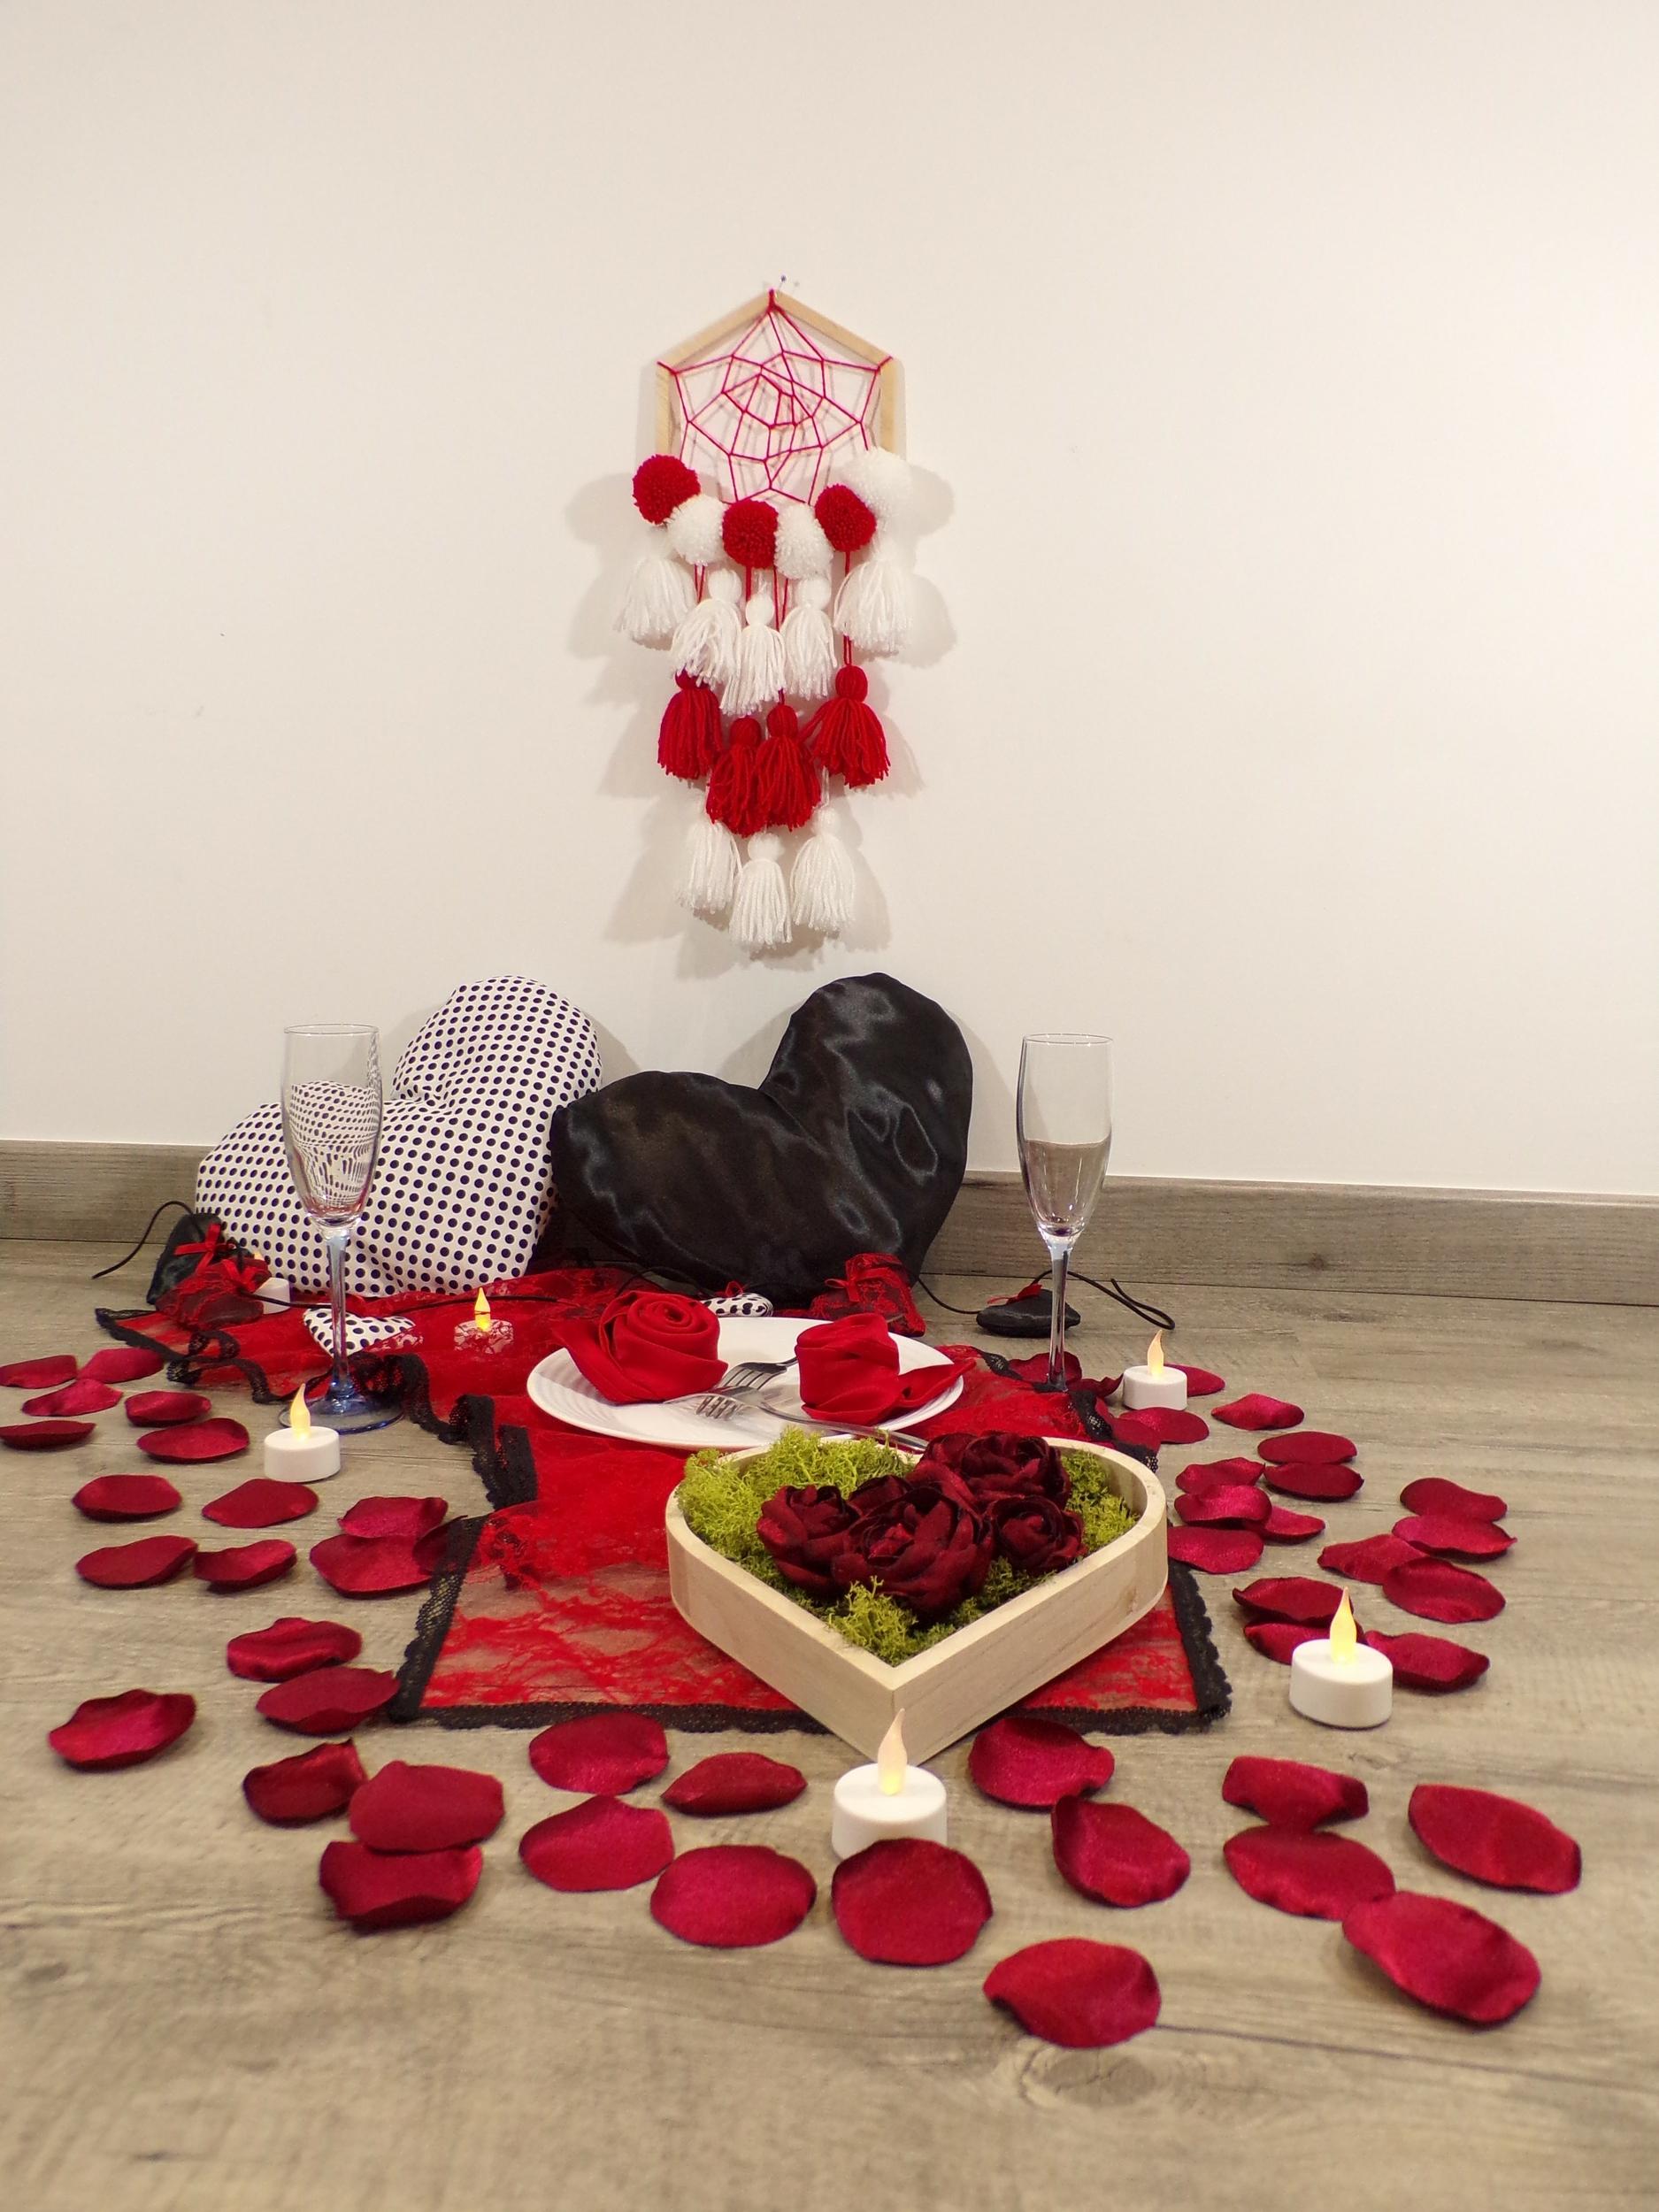 décoration st valenetin rouge noir coeur dentelle fait main